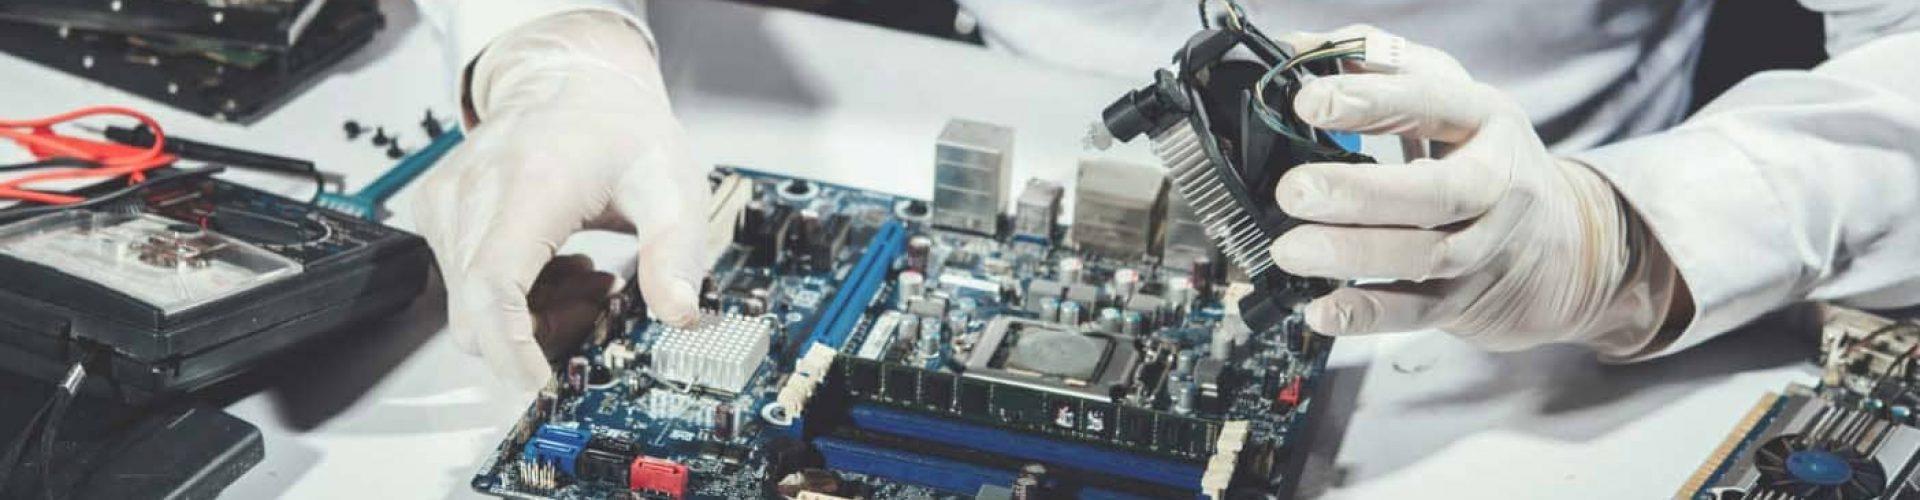 Reparación de ordenadores en Robledondo con desplazamiento gratuito